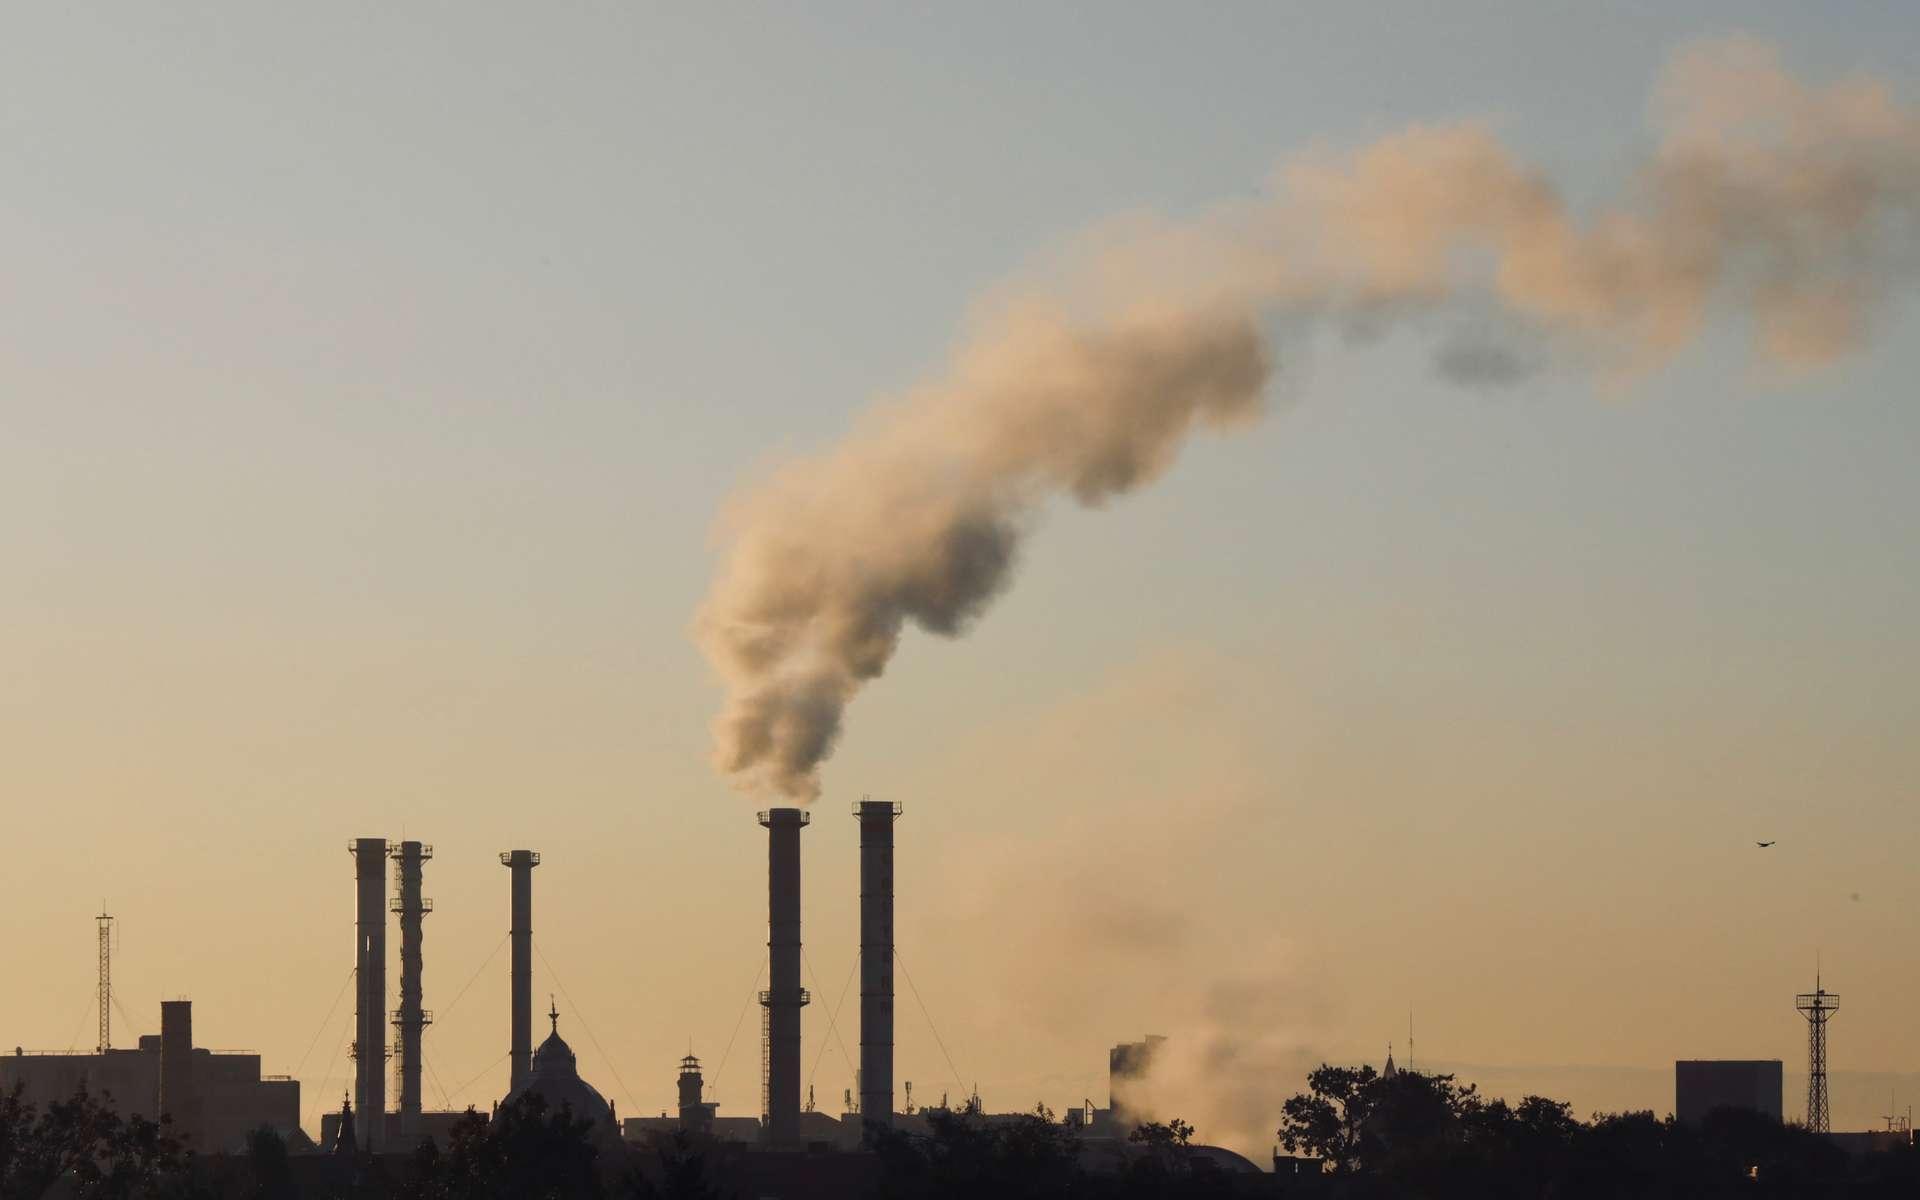 Les niveaux de dioxyde de carbone, de méthane et de protoxyde d'azote mesurés dans l'atmosphère n'ont jamais été aussi hauts qu'en 2018. © Cristi Goia, Unsplash